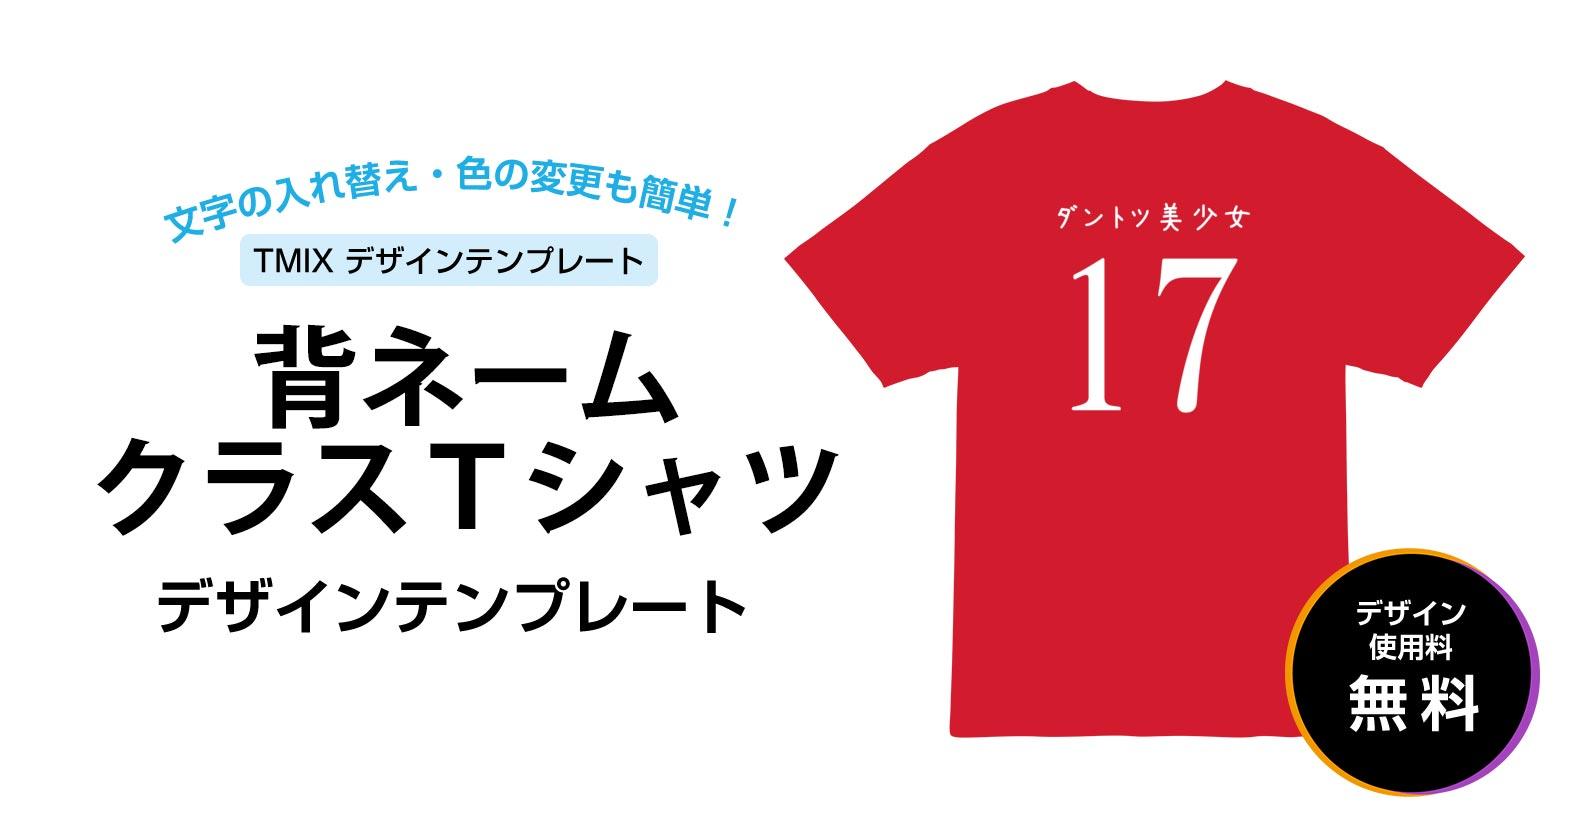 デザインテンプレート - クラスTシャツ 背ネーム(面白)